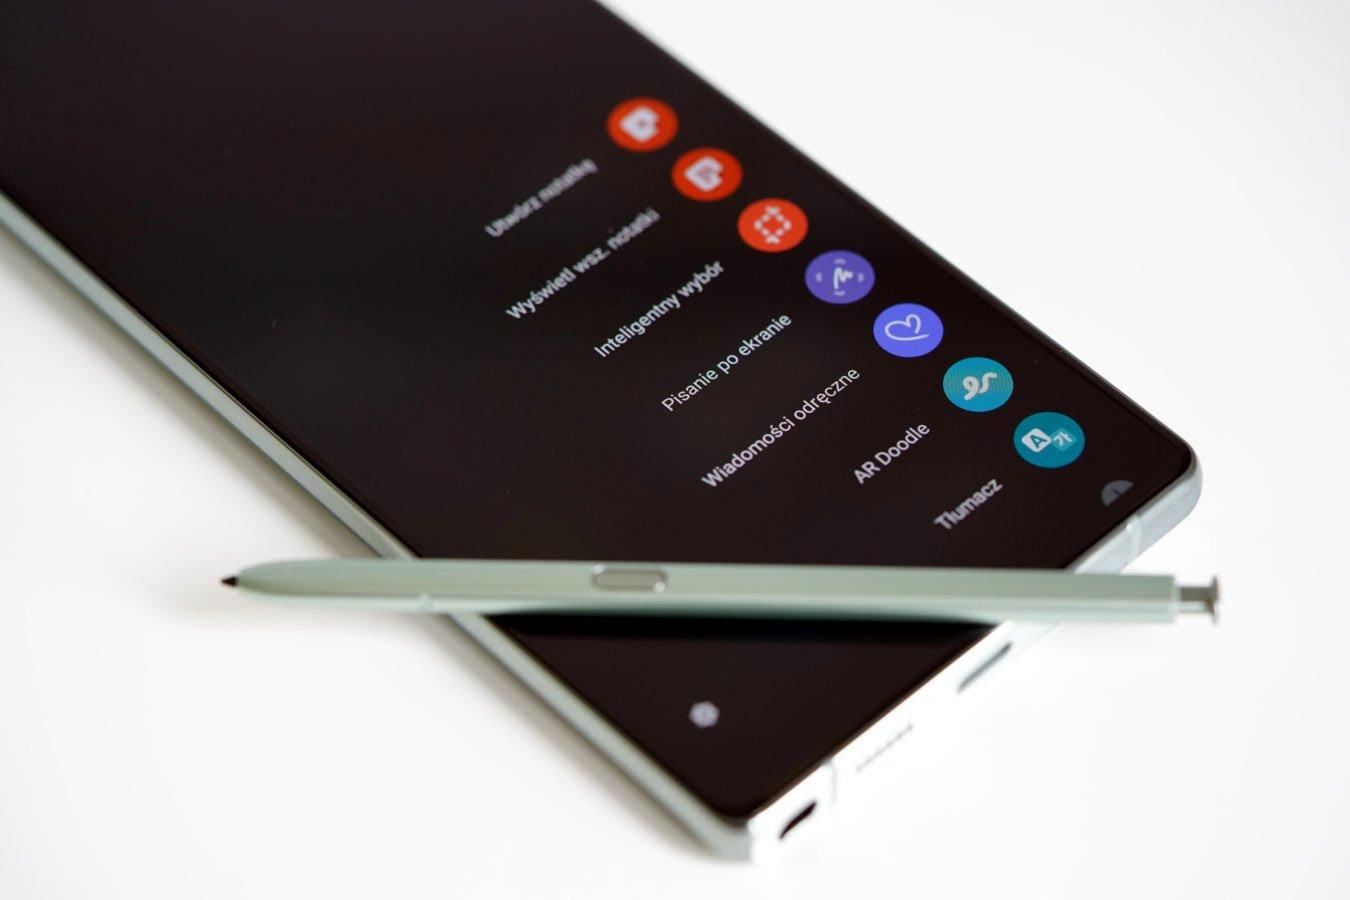 Nowy Galaxy Note powstanie, bo Samsung się przeliczył (fot. Tabletowo.pl)